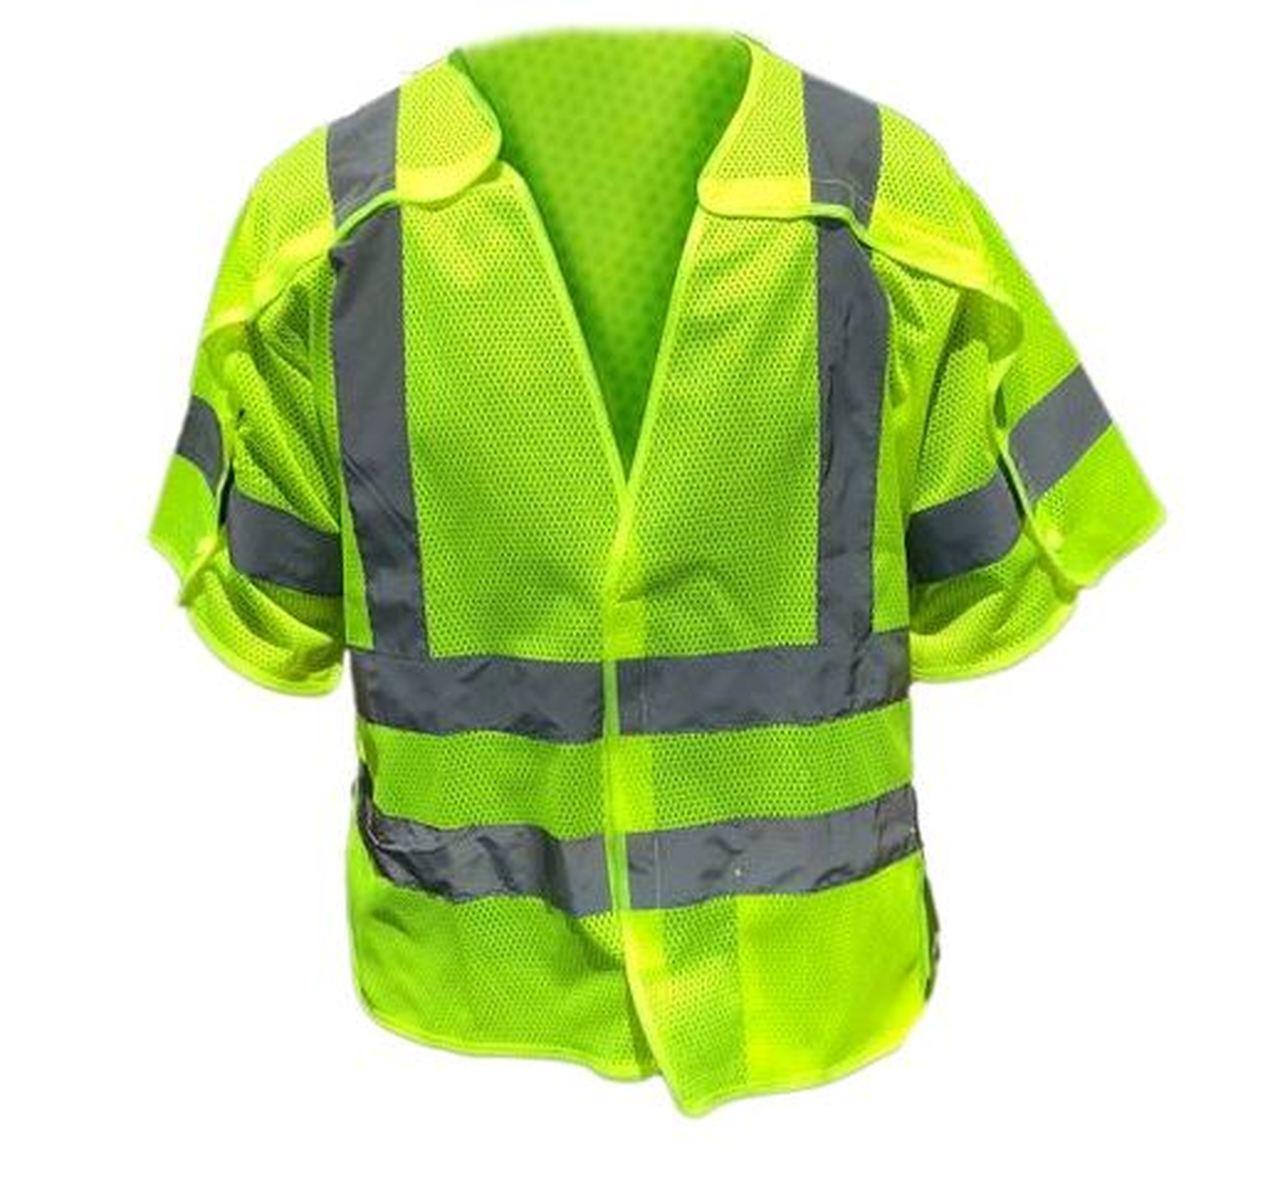 Safety Vest- Class 3